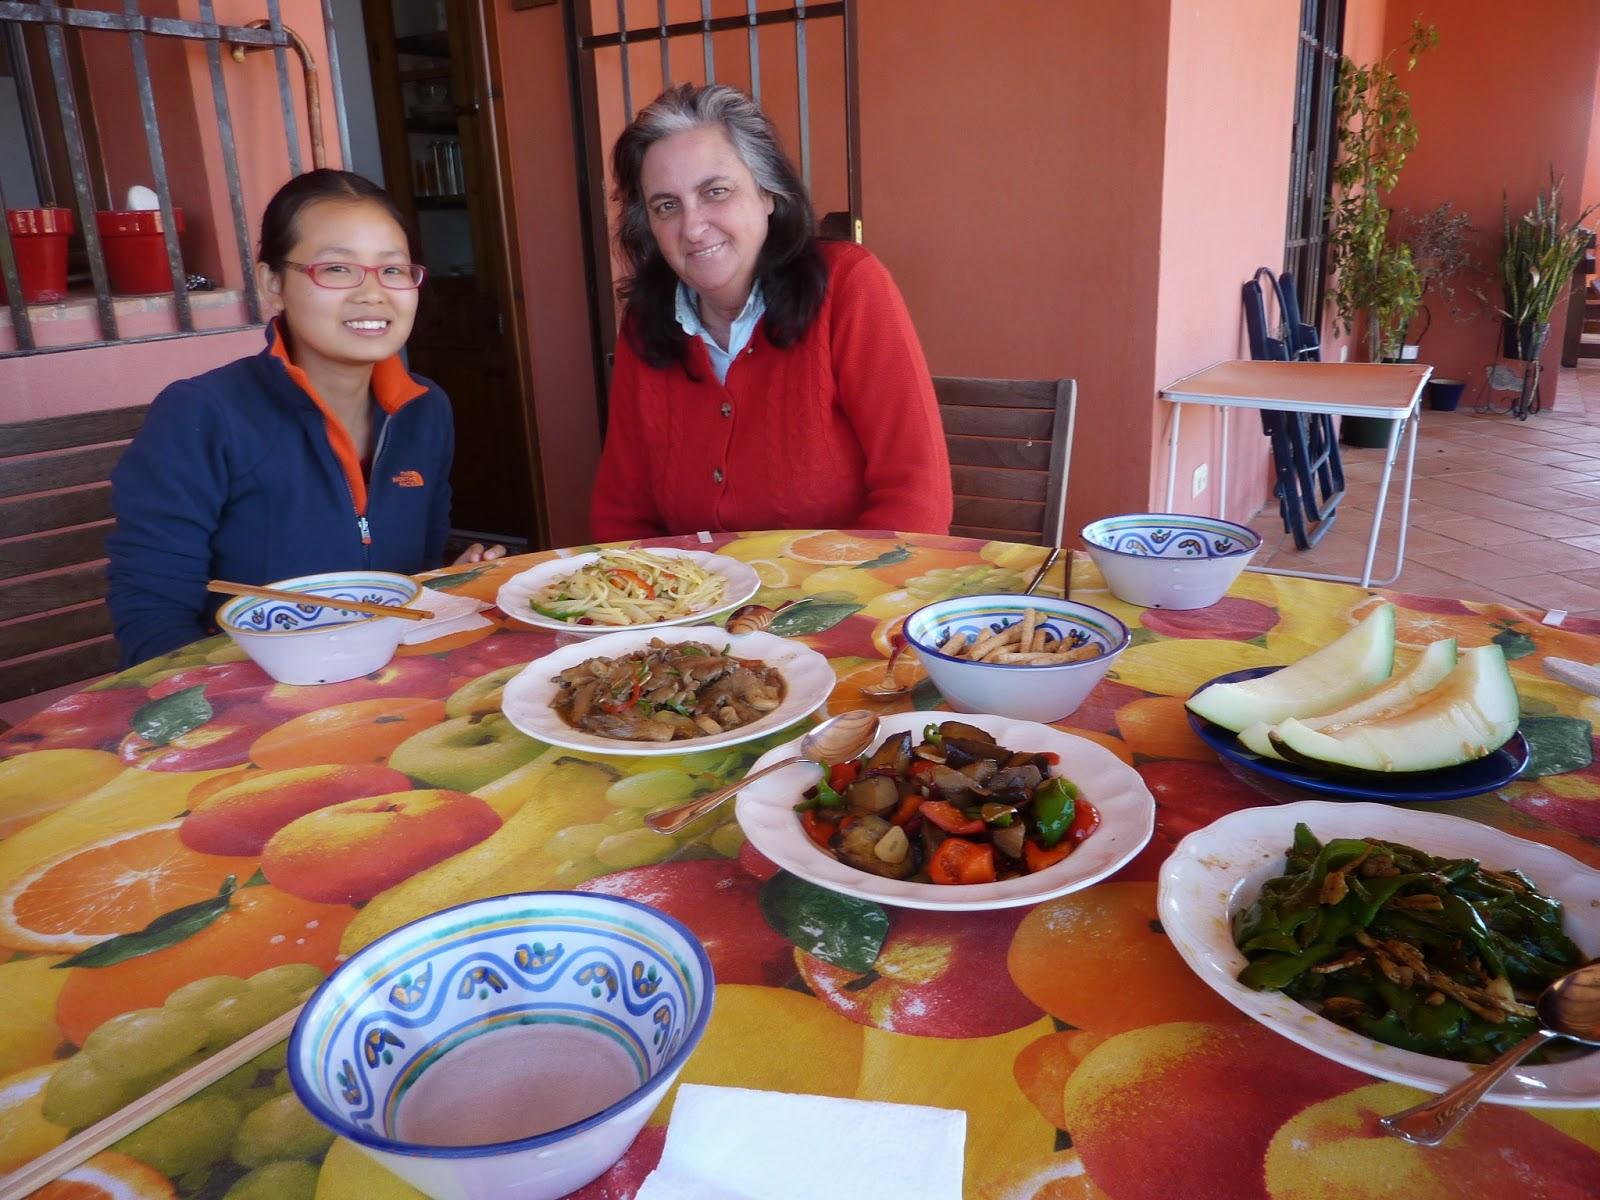 Cocina cuatro wok vegetarianos for Wok cuatro cocinas granollers